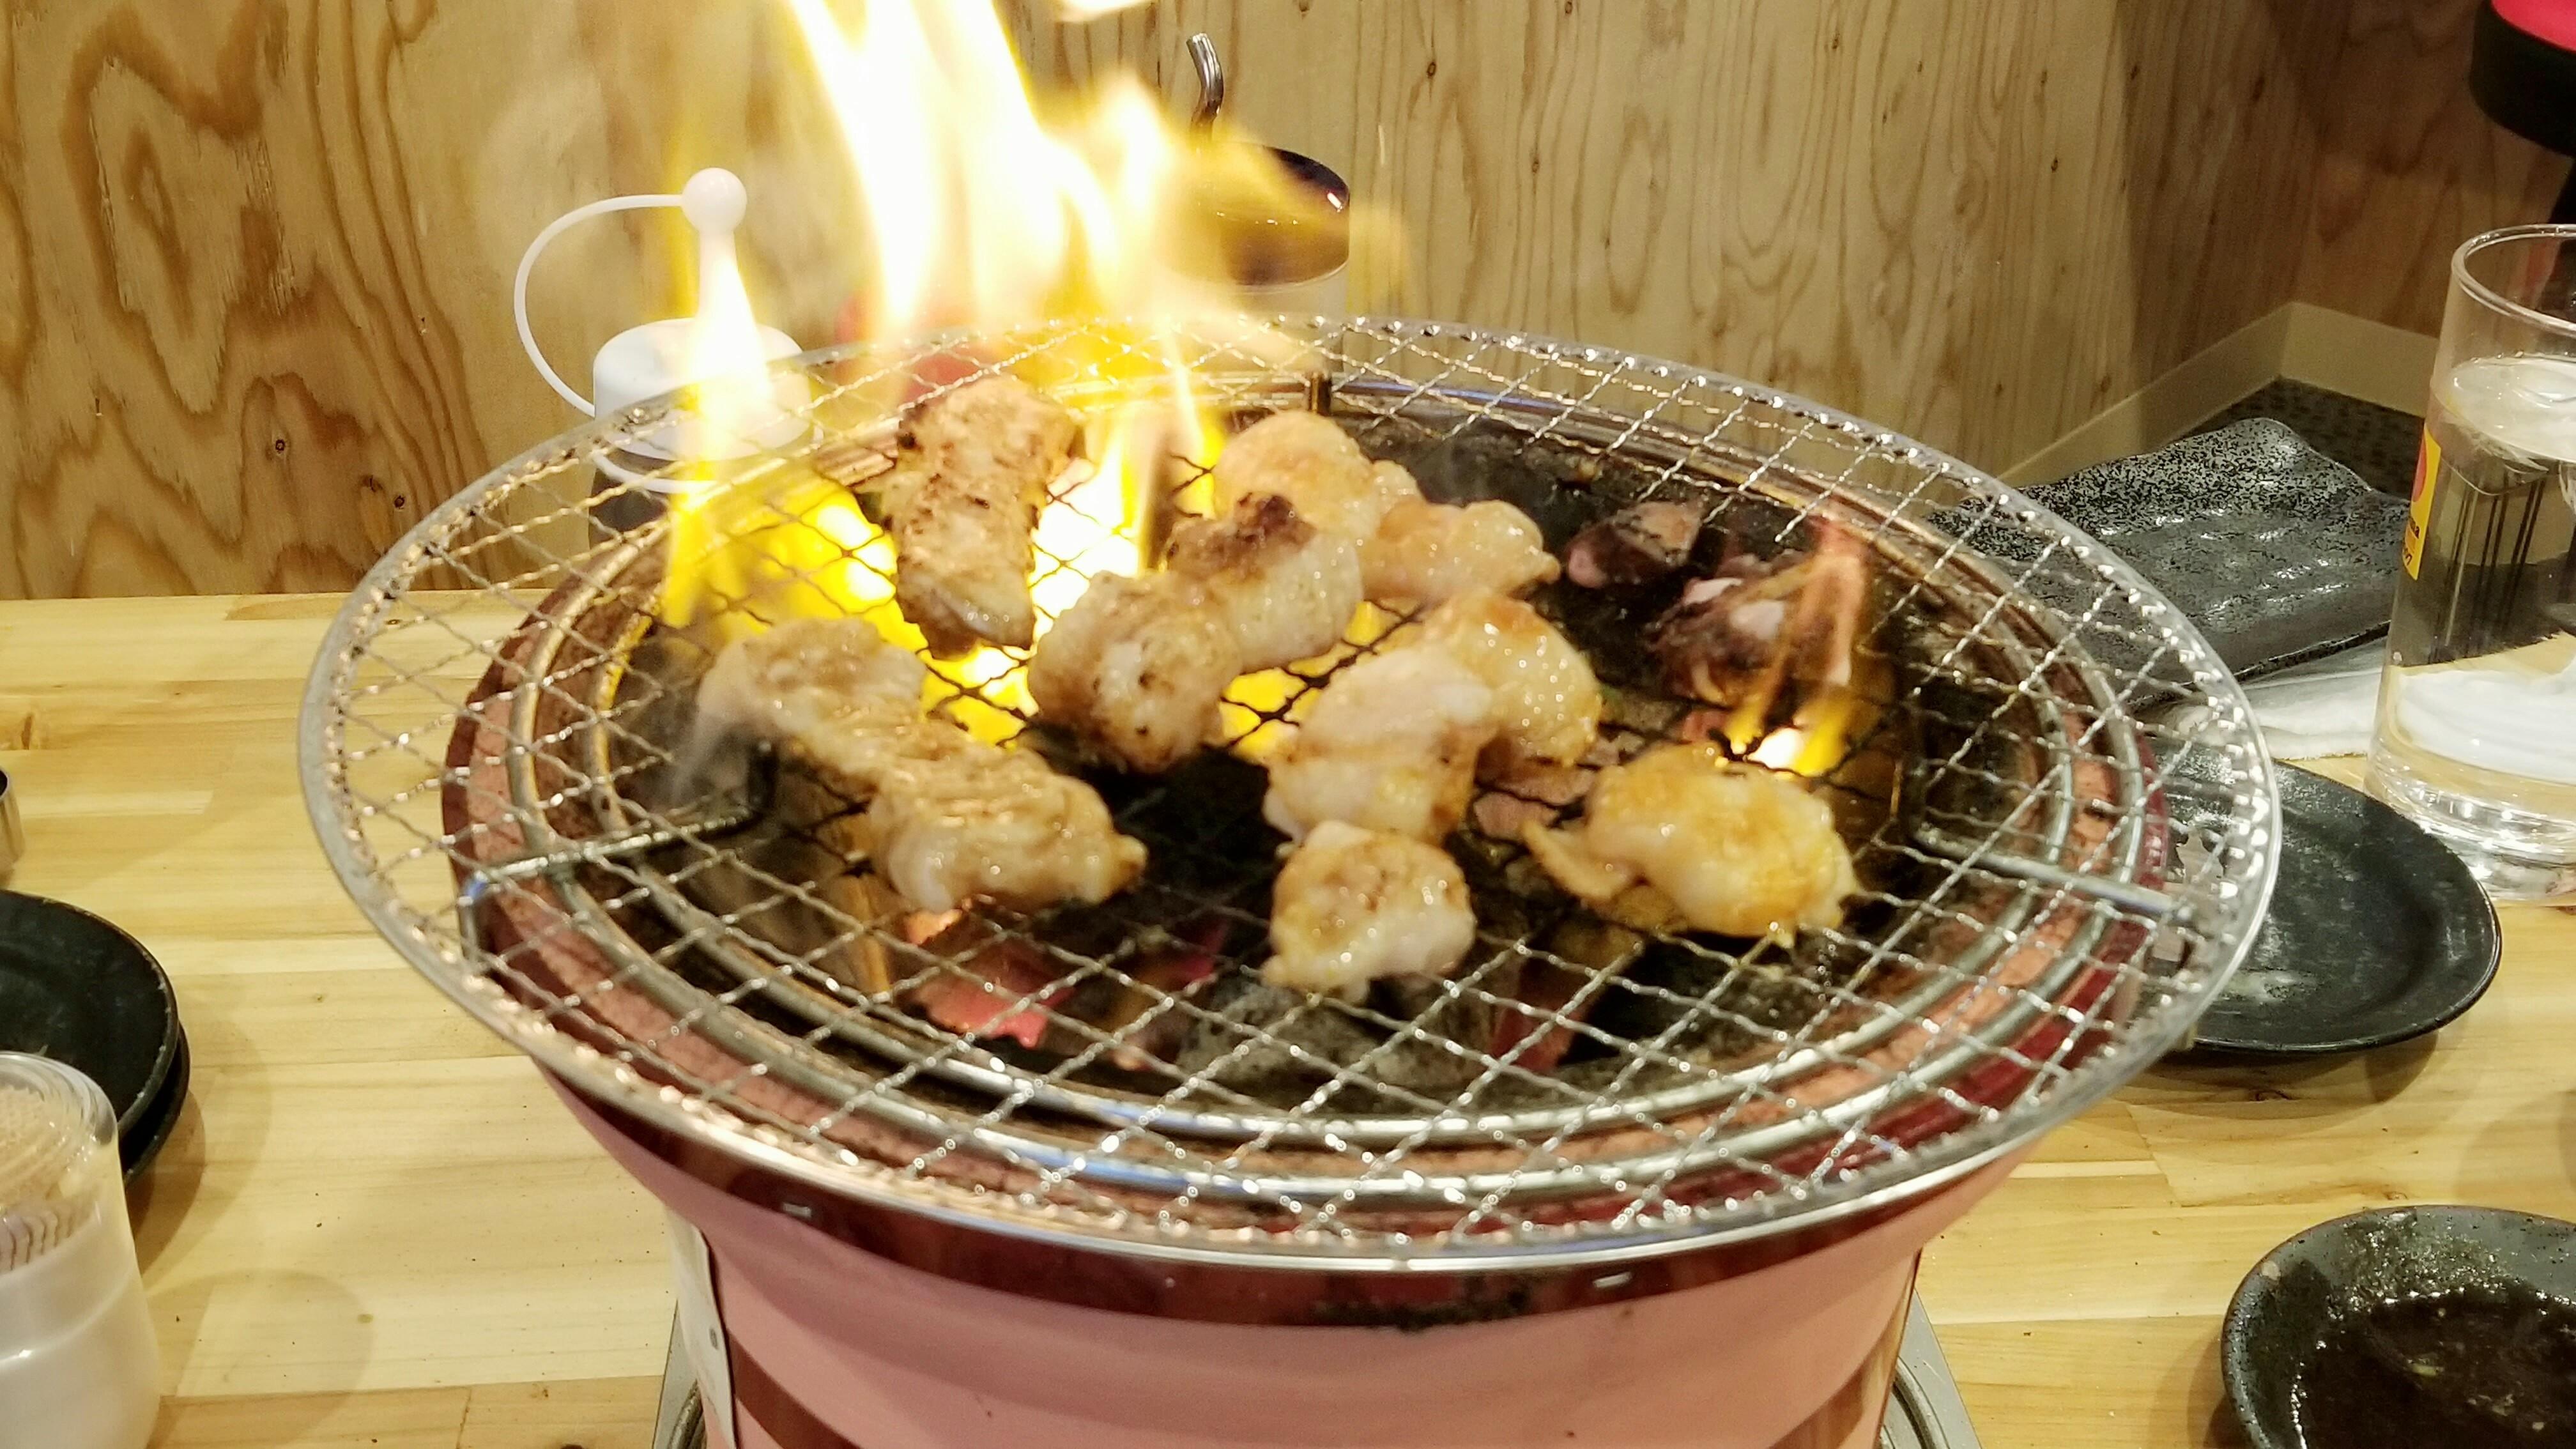 愛媛県松山市四国グルメ焼肉スーパーホルモンまずい安い変わった部位